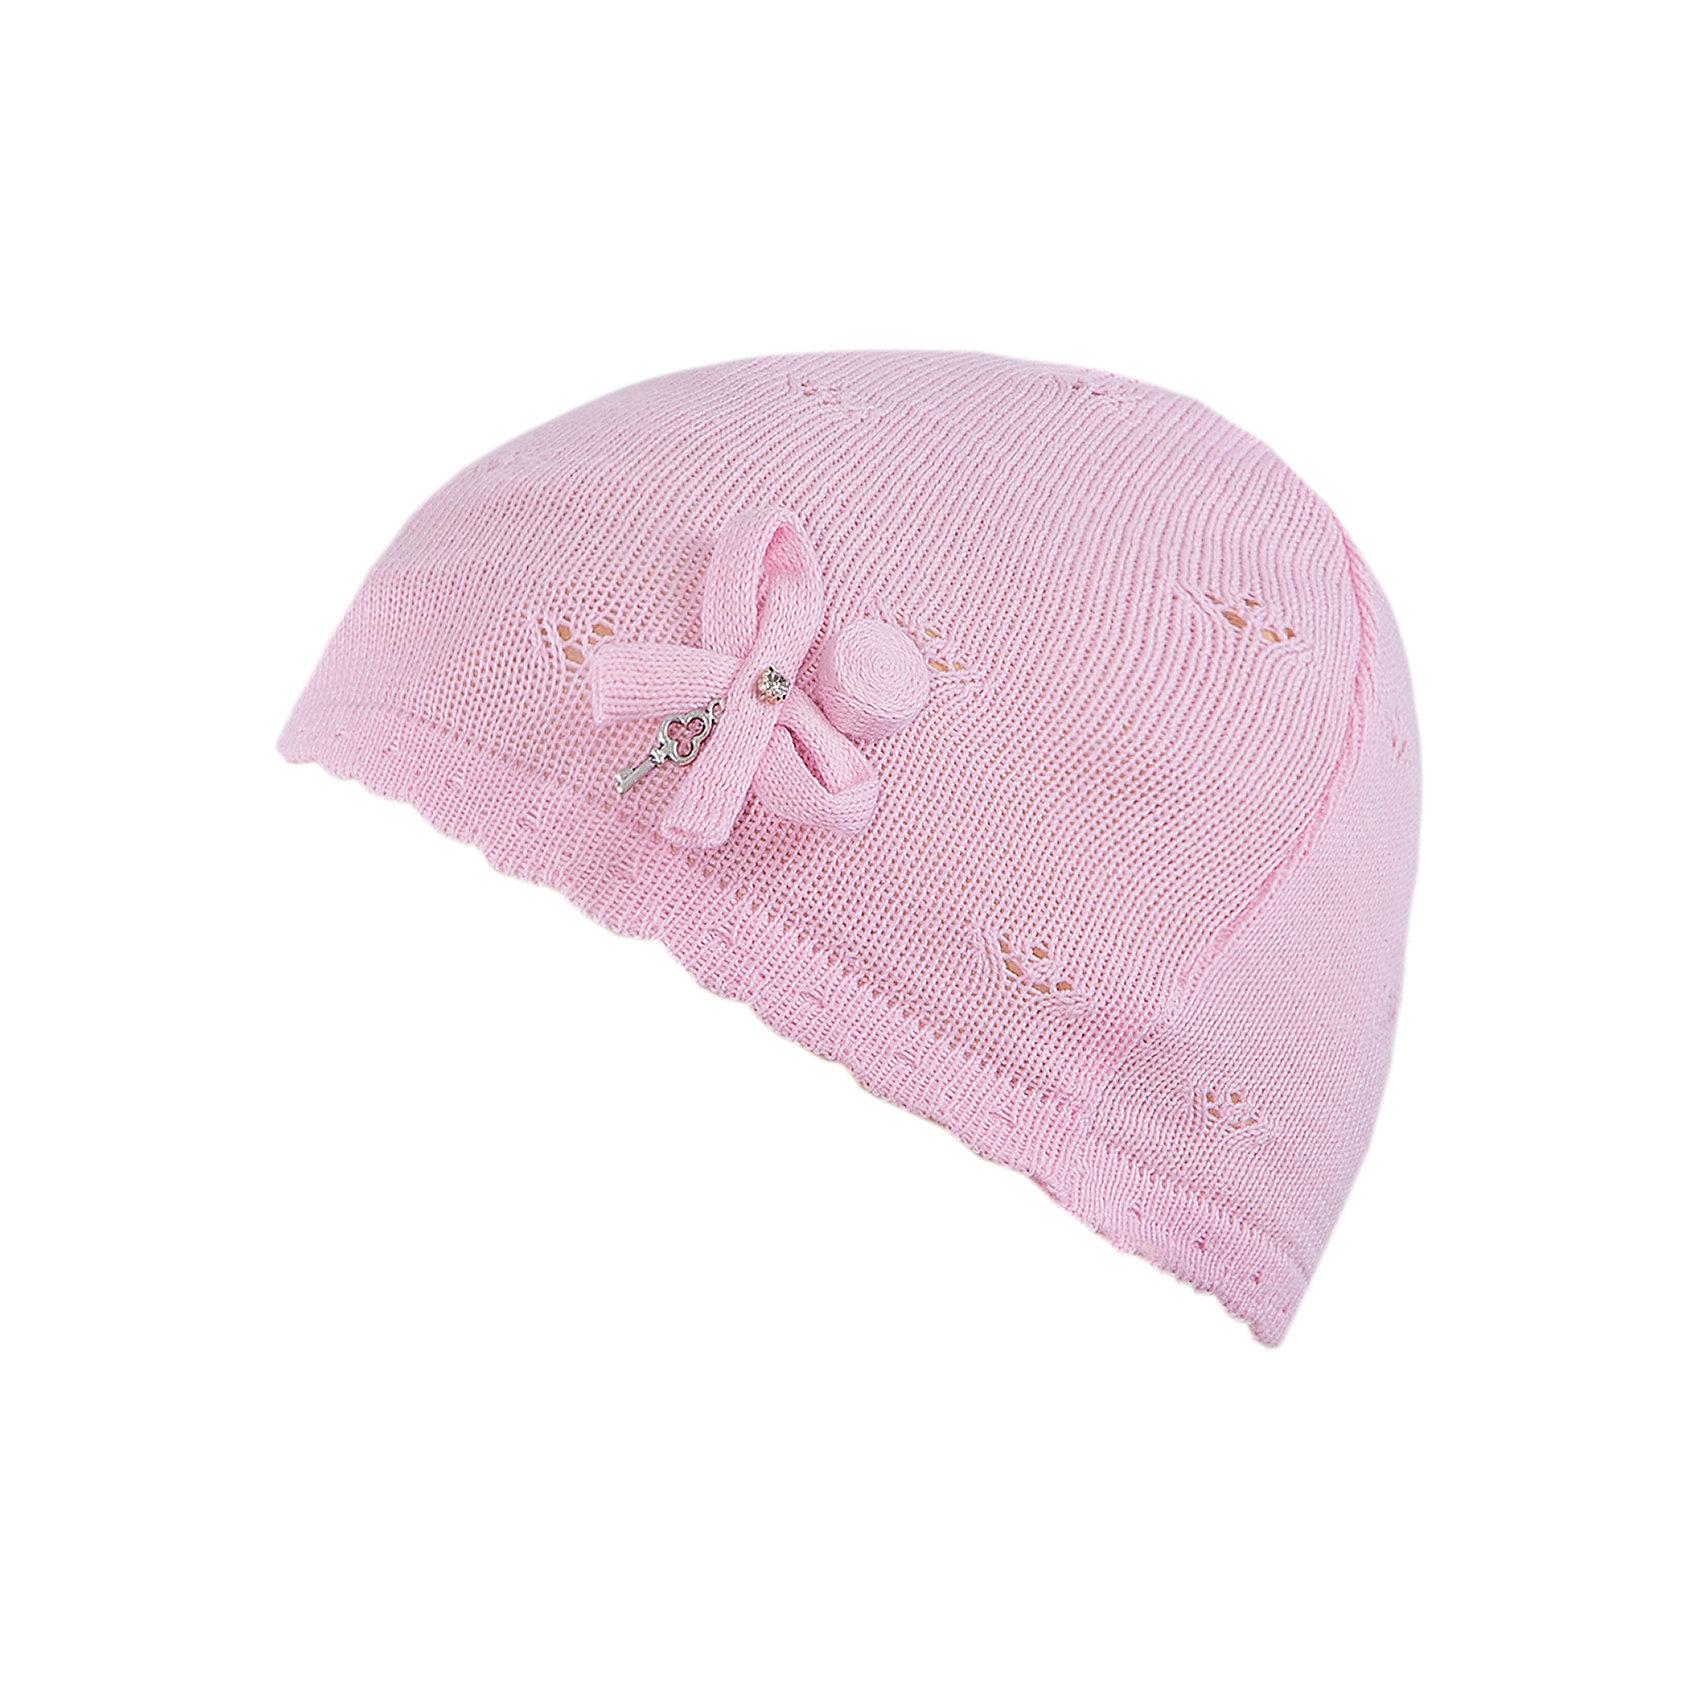 Шапка для девочки АртельГоловные уборы<br>Шапка для девочки от торговой марки Артель <br><br>Ажурная шапка отлично смотрится на детях и комфортно сидит. Эта модель создана специально для девочек. Изделие выполнено из качественных материалов.<br>Одежда от бренда Артель – это высокое качество по приемлемой цене и всегда продуманный дизайн. <br><br>Особенности модели: <br>- цвет — розовый; <br>- украшена бантом; <br>- натуральный хлопок с добавкой пана. <br><br>Дополнительная информация: <br><br>Состав: 50% хлопок, 50% пан.<br><br>Шапку для девочки Артель (Artel) можно купить в нашем магазине.<br><br>Ширина мм: 89<br>Глубина мм: 117<br>Высота мм: 44<br>Вес г: 155<br>Цвет: розовый<br>Возраст от месяцев: 4<br>Возраст до месяцев: 6<br>Пол: Женский<br>Возраст: Детский<br>Размер: 44,50,52,48,46<br>SKU: 4500523